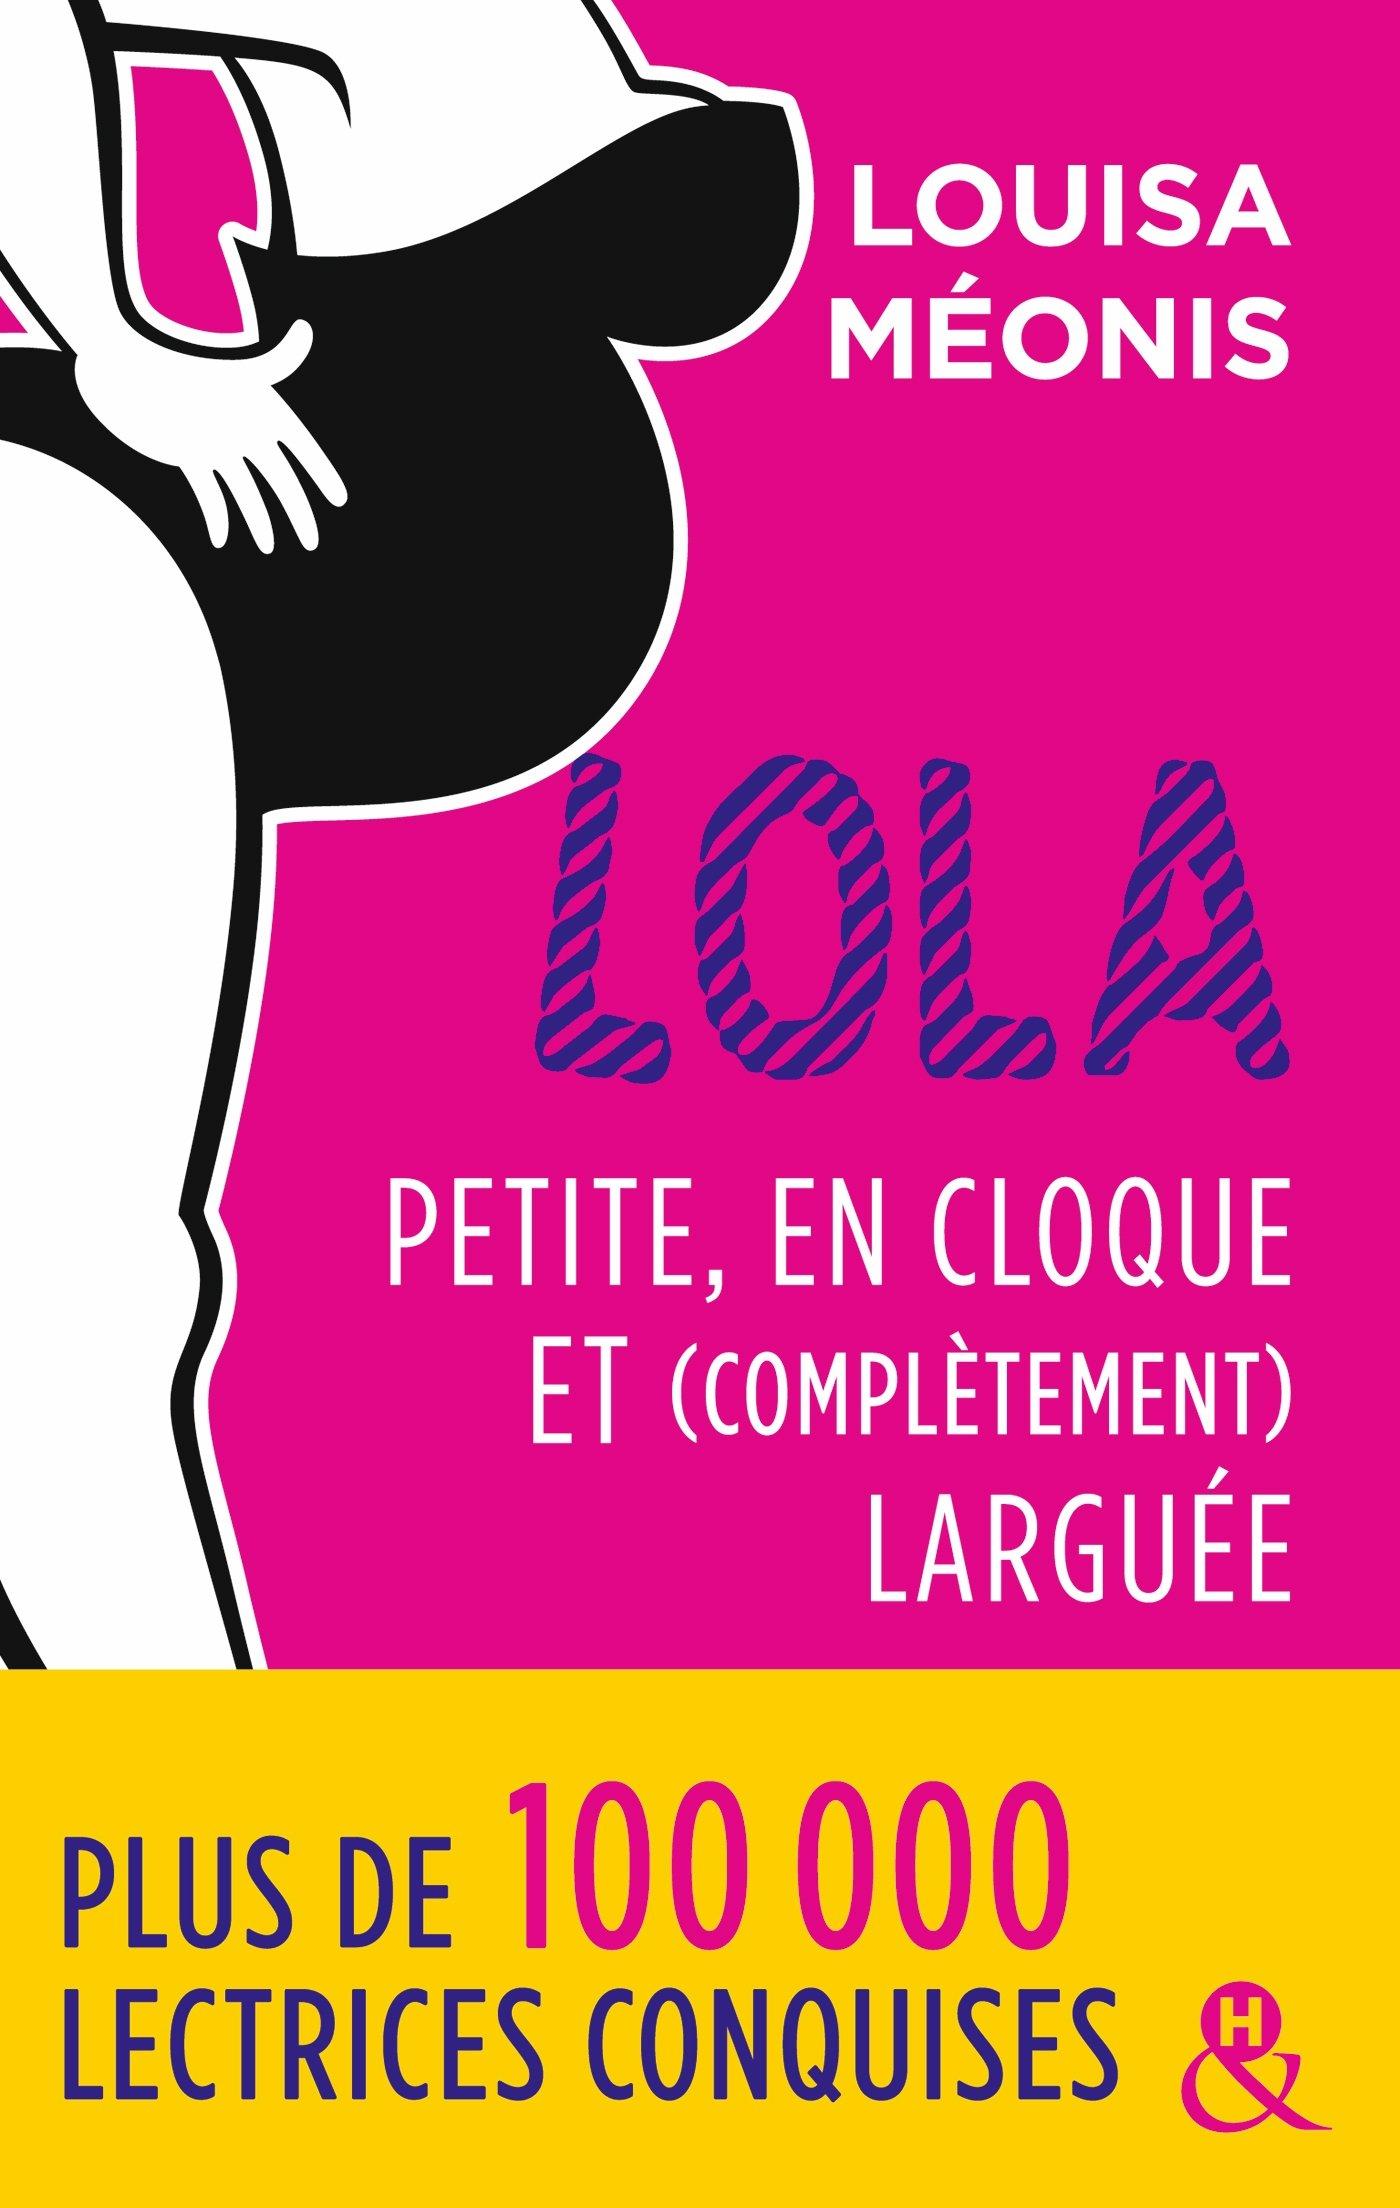 Lola - Petite, en cloque et complètement larguée: la suite de la série à succès Lola, une comédie romantique française Broché – 13 septembre 2017 Louisa Méonis Editions Harlequin 2280379015 Comédie sentimentale